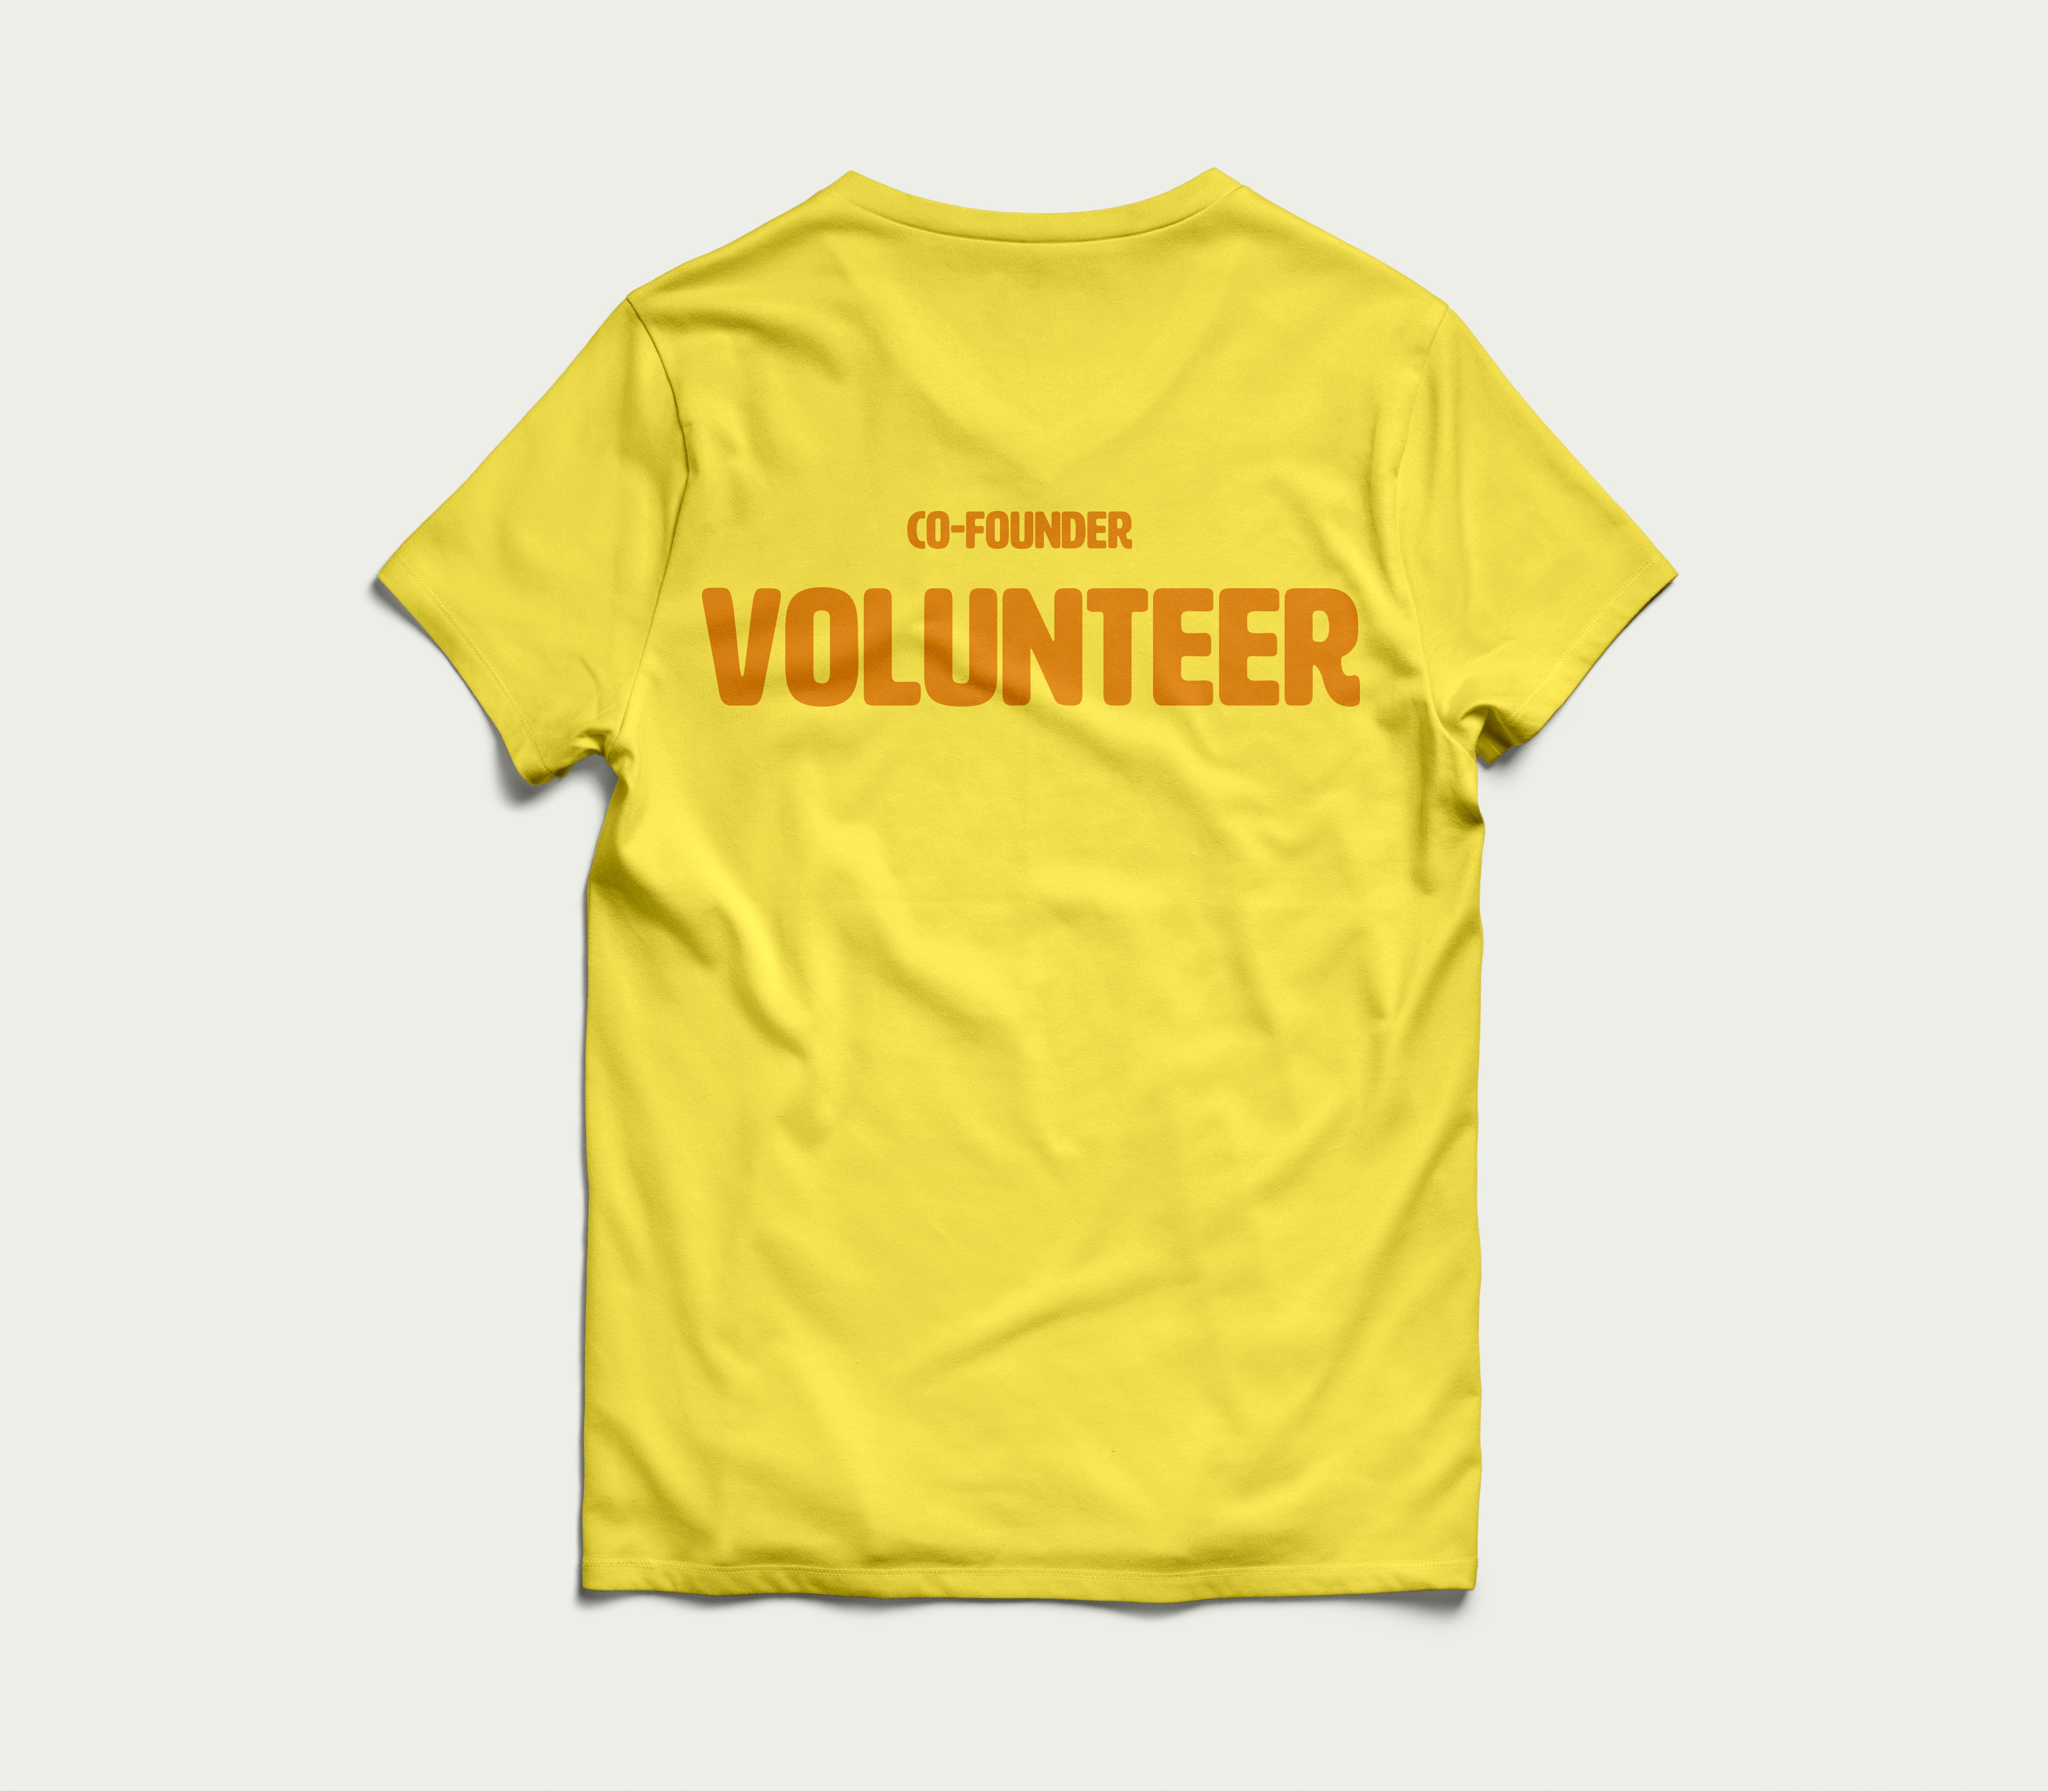 co-founder volunteer shirt back